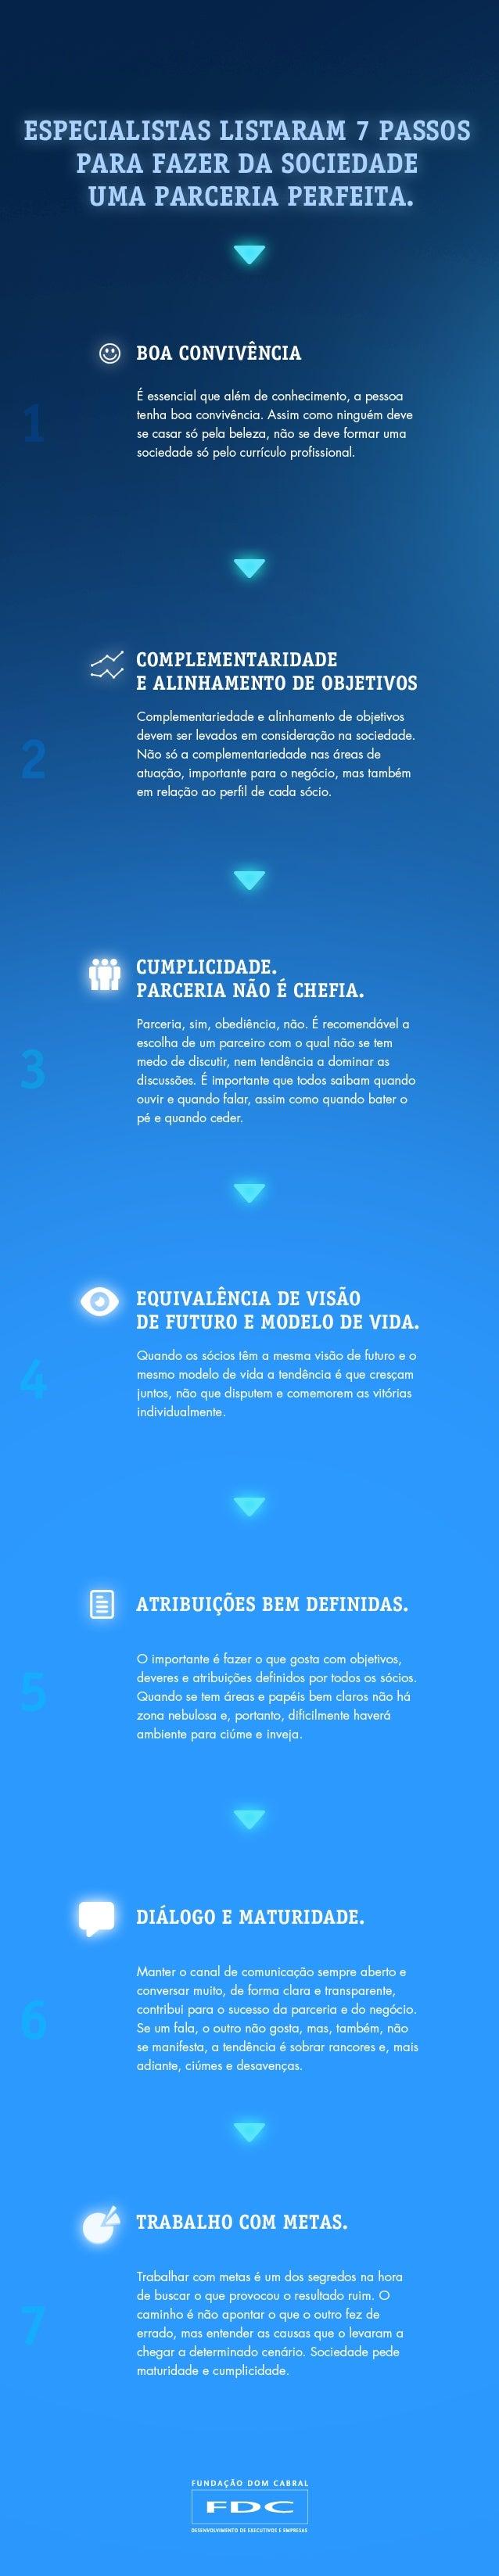 7 passos para fazer da sociedade uma parceria perfeita | Infográfico